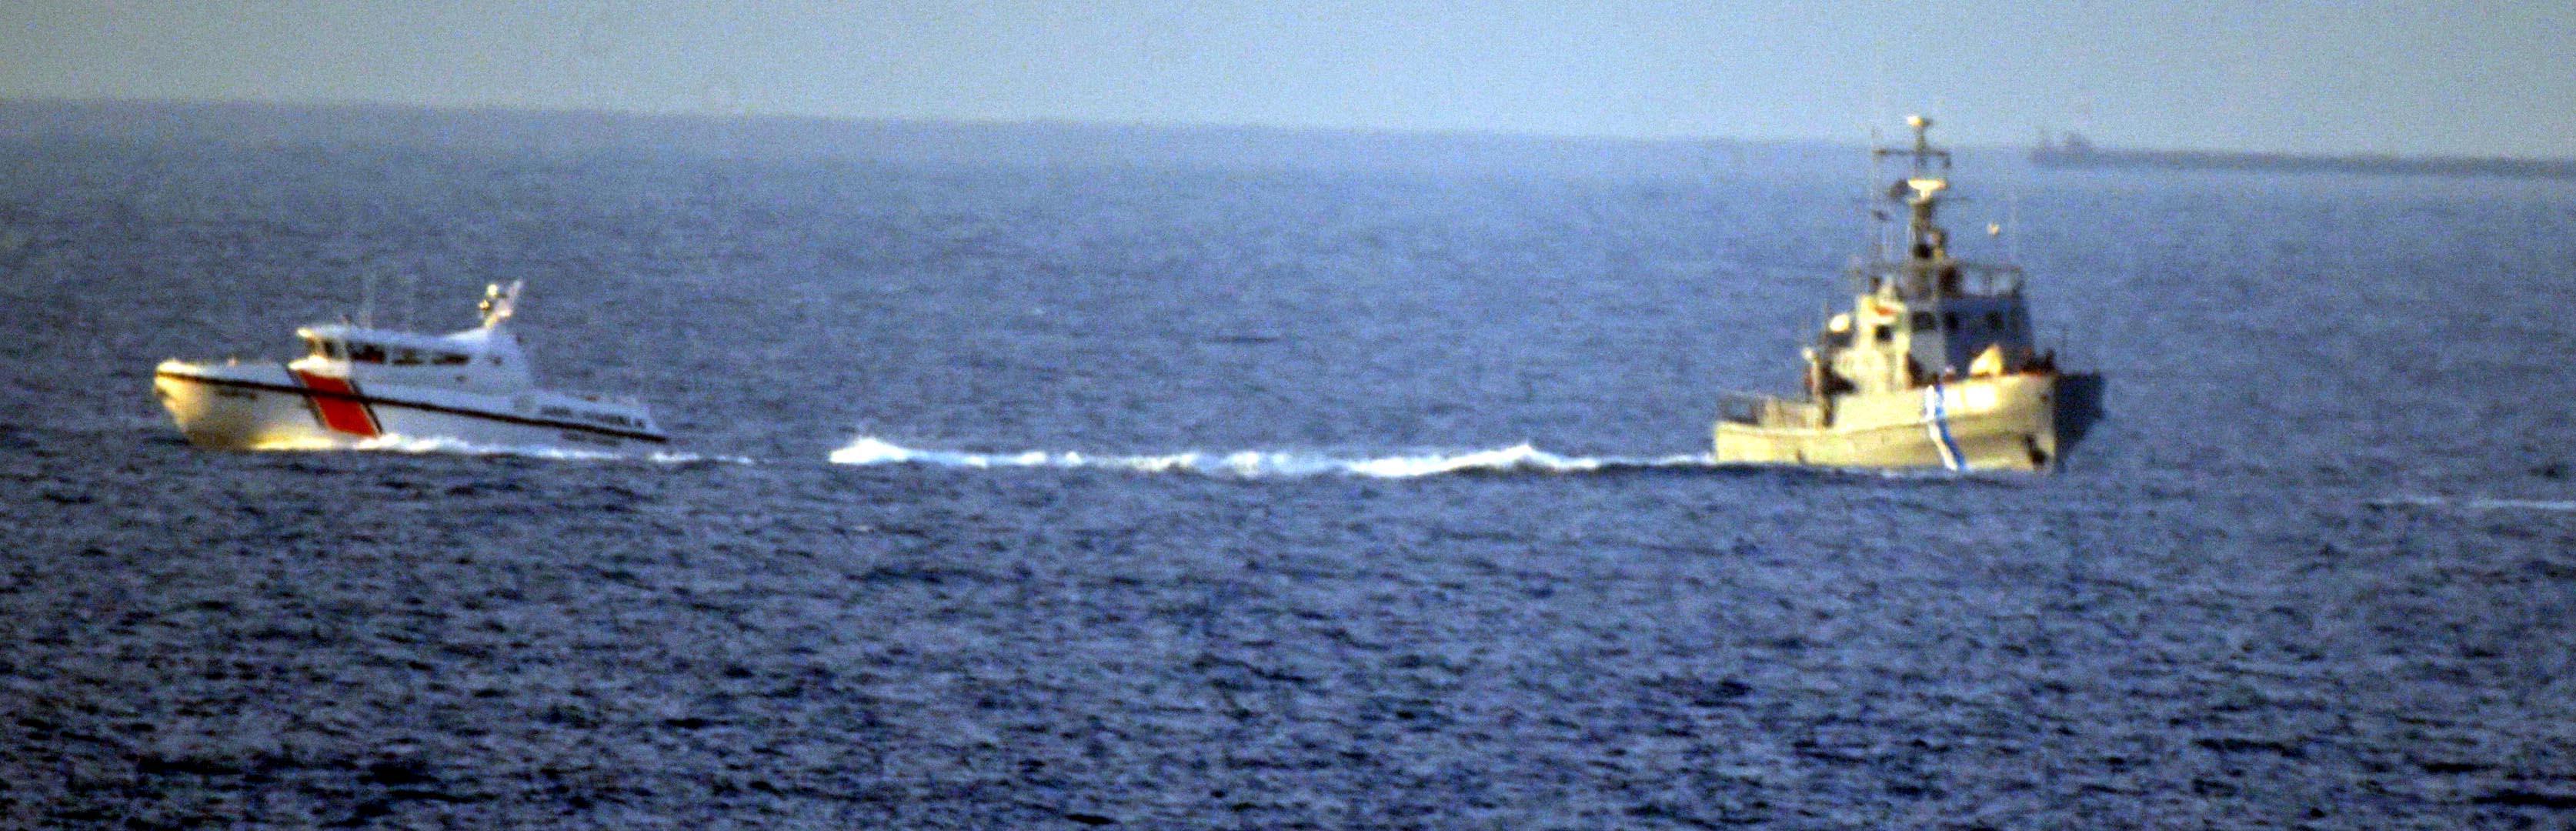 egede-kacak-tasiyan-tekneye-ates-acildi-turk-kaptan-yaralandi_4906_dhaphoto2.jpg